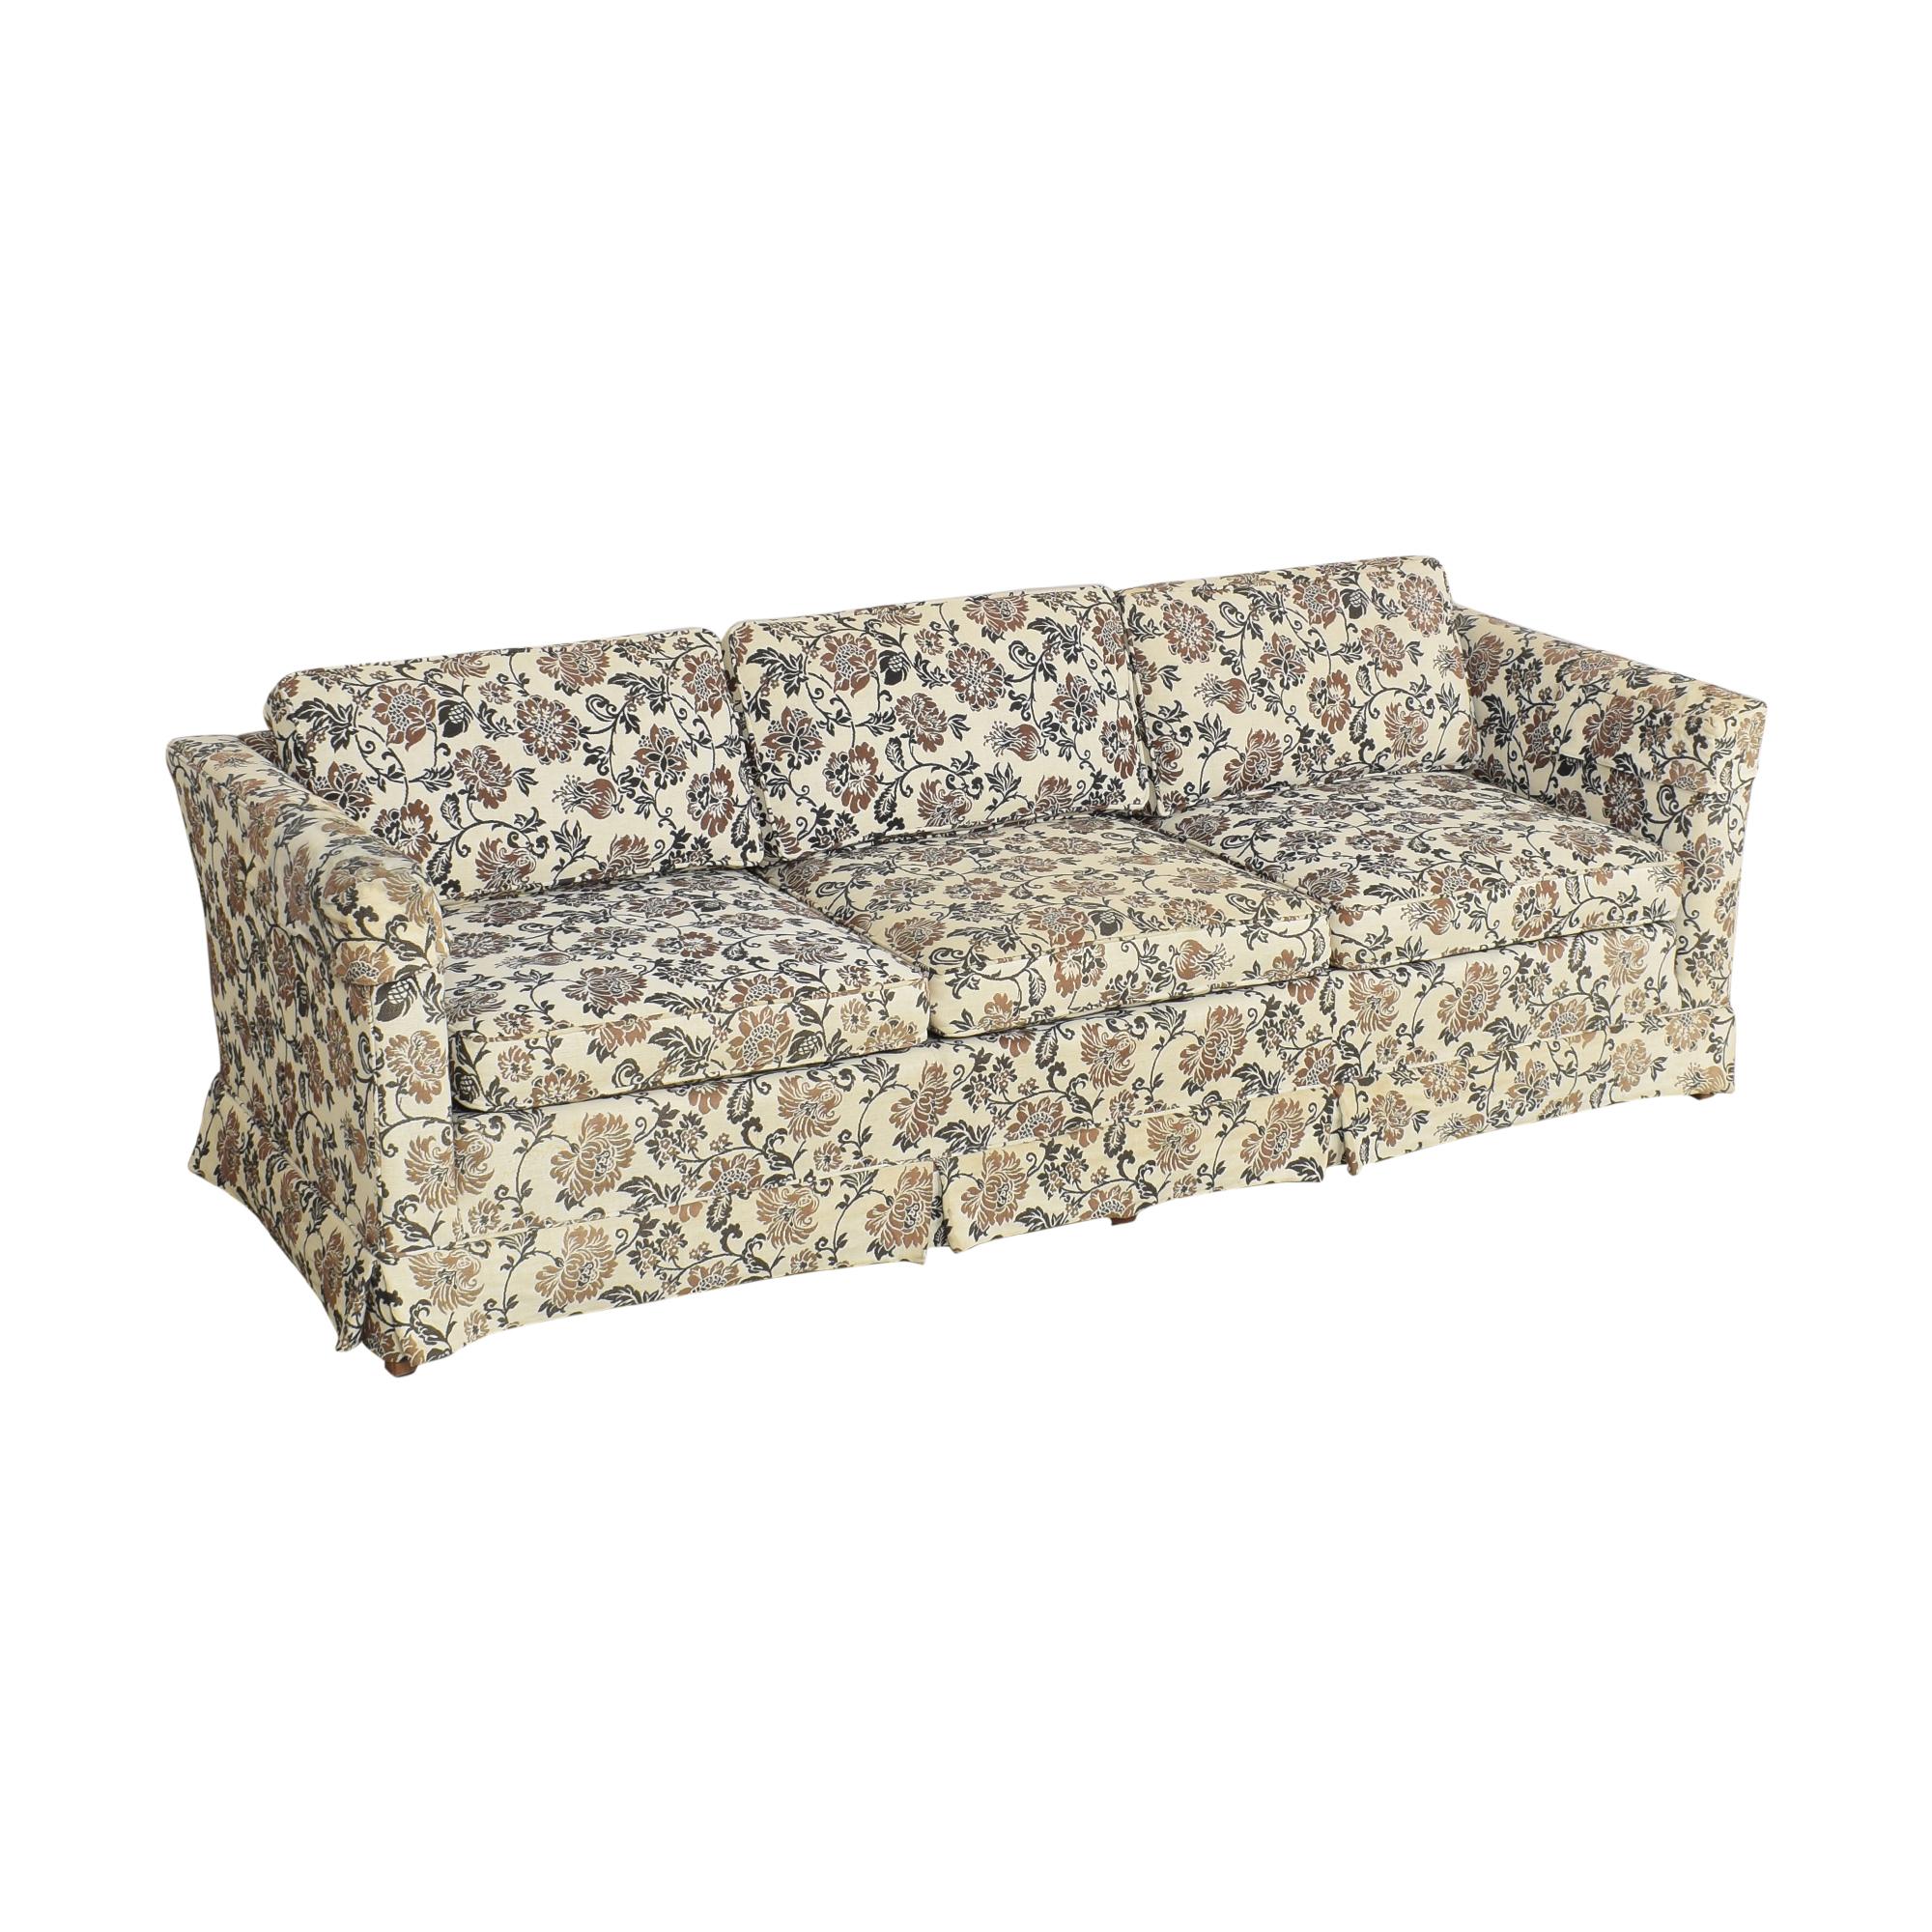 Ethan Allen Ethan Allen Skirted Three Cushion Sofa pa